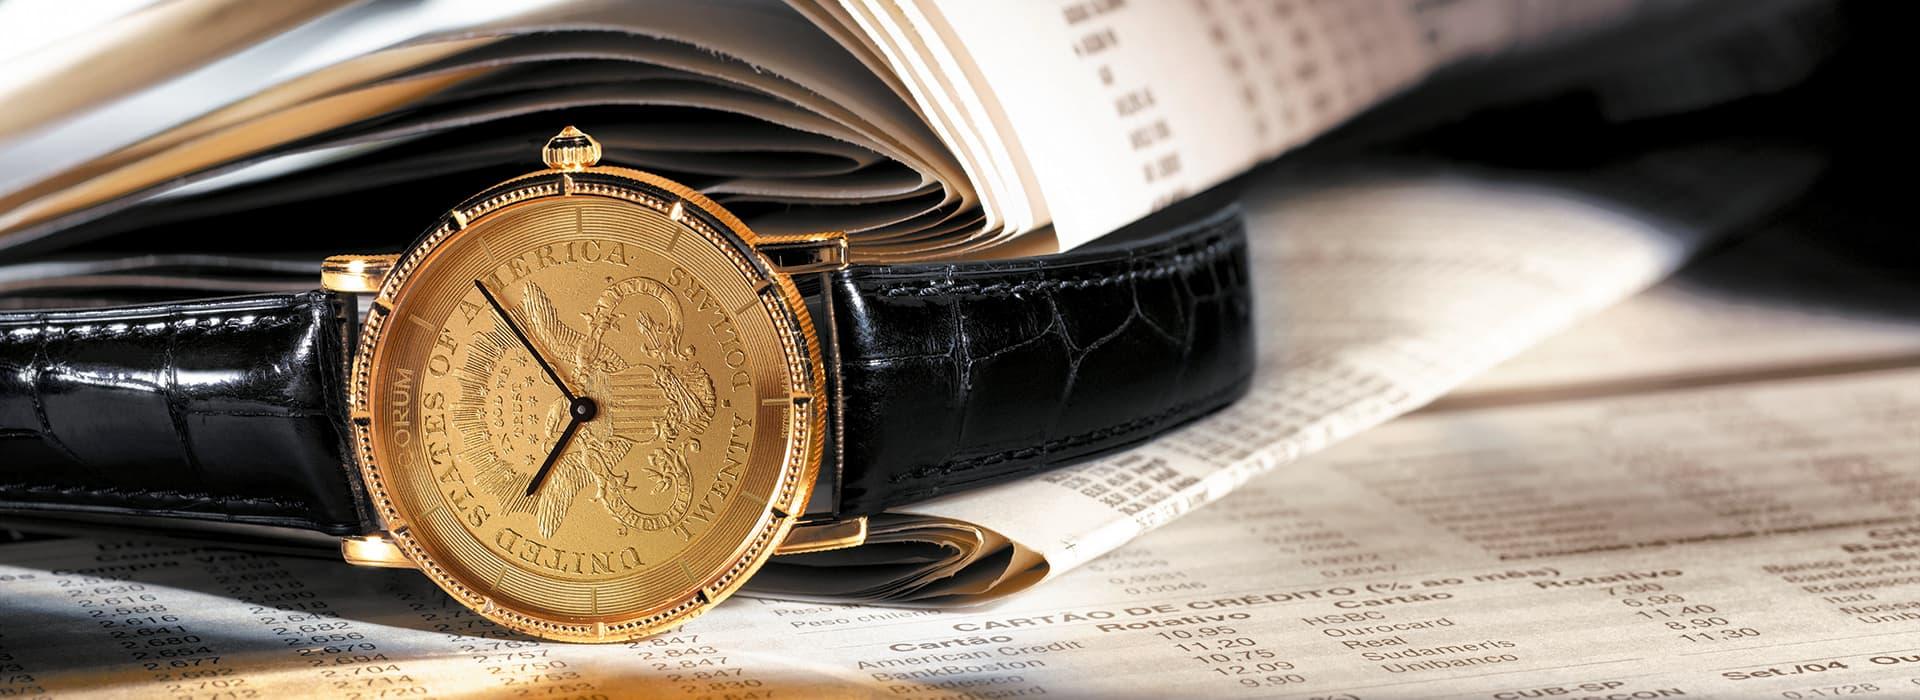 corum lifestyle coin watch